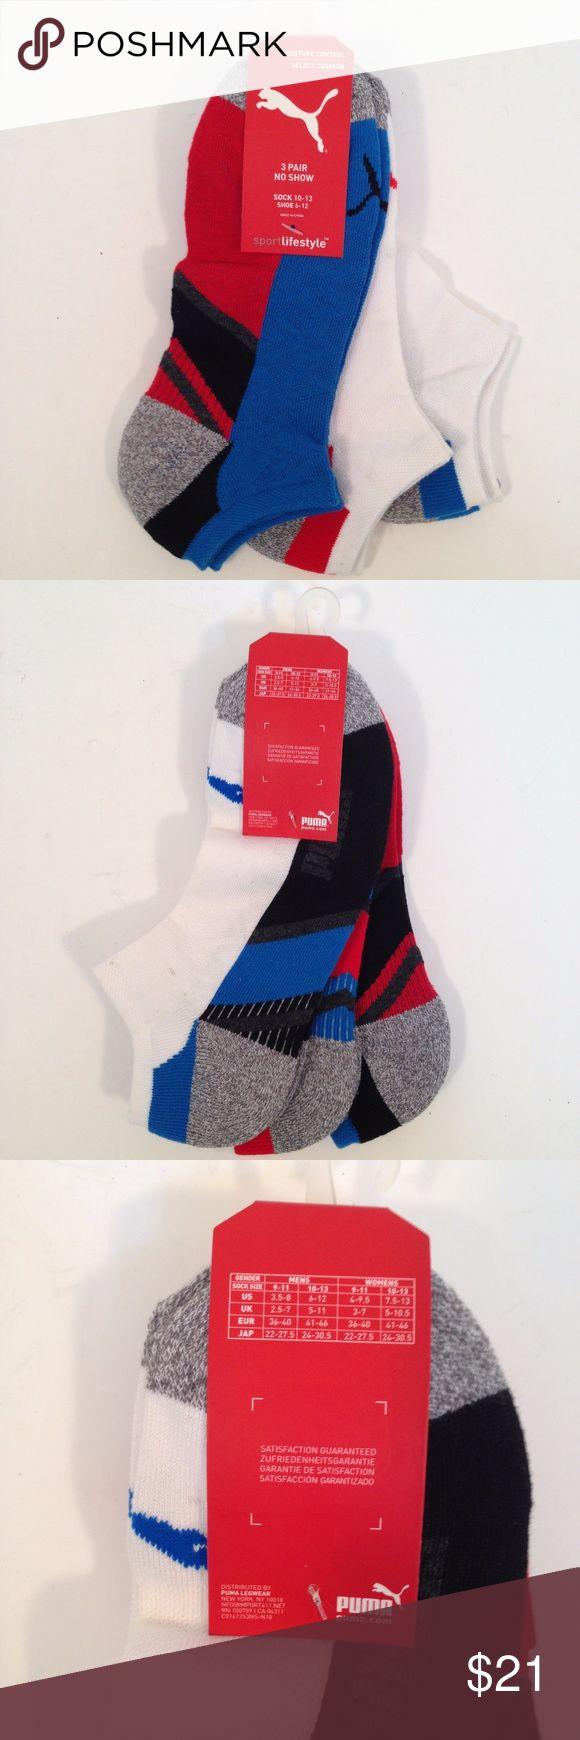 Puma Men's No Show Moisture Control Socks Puma Men's No Show Moisture Control Sport Lifestyle Socks Stocking Stuffer  3 pair Sock size 10-13 Puma Underwear & Socks Athletic Socks